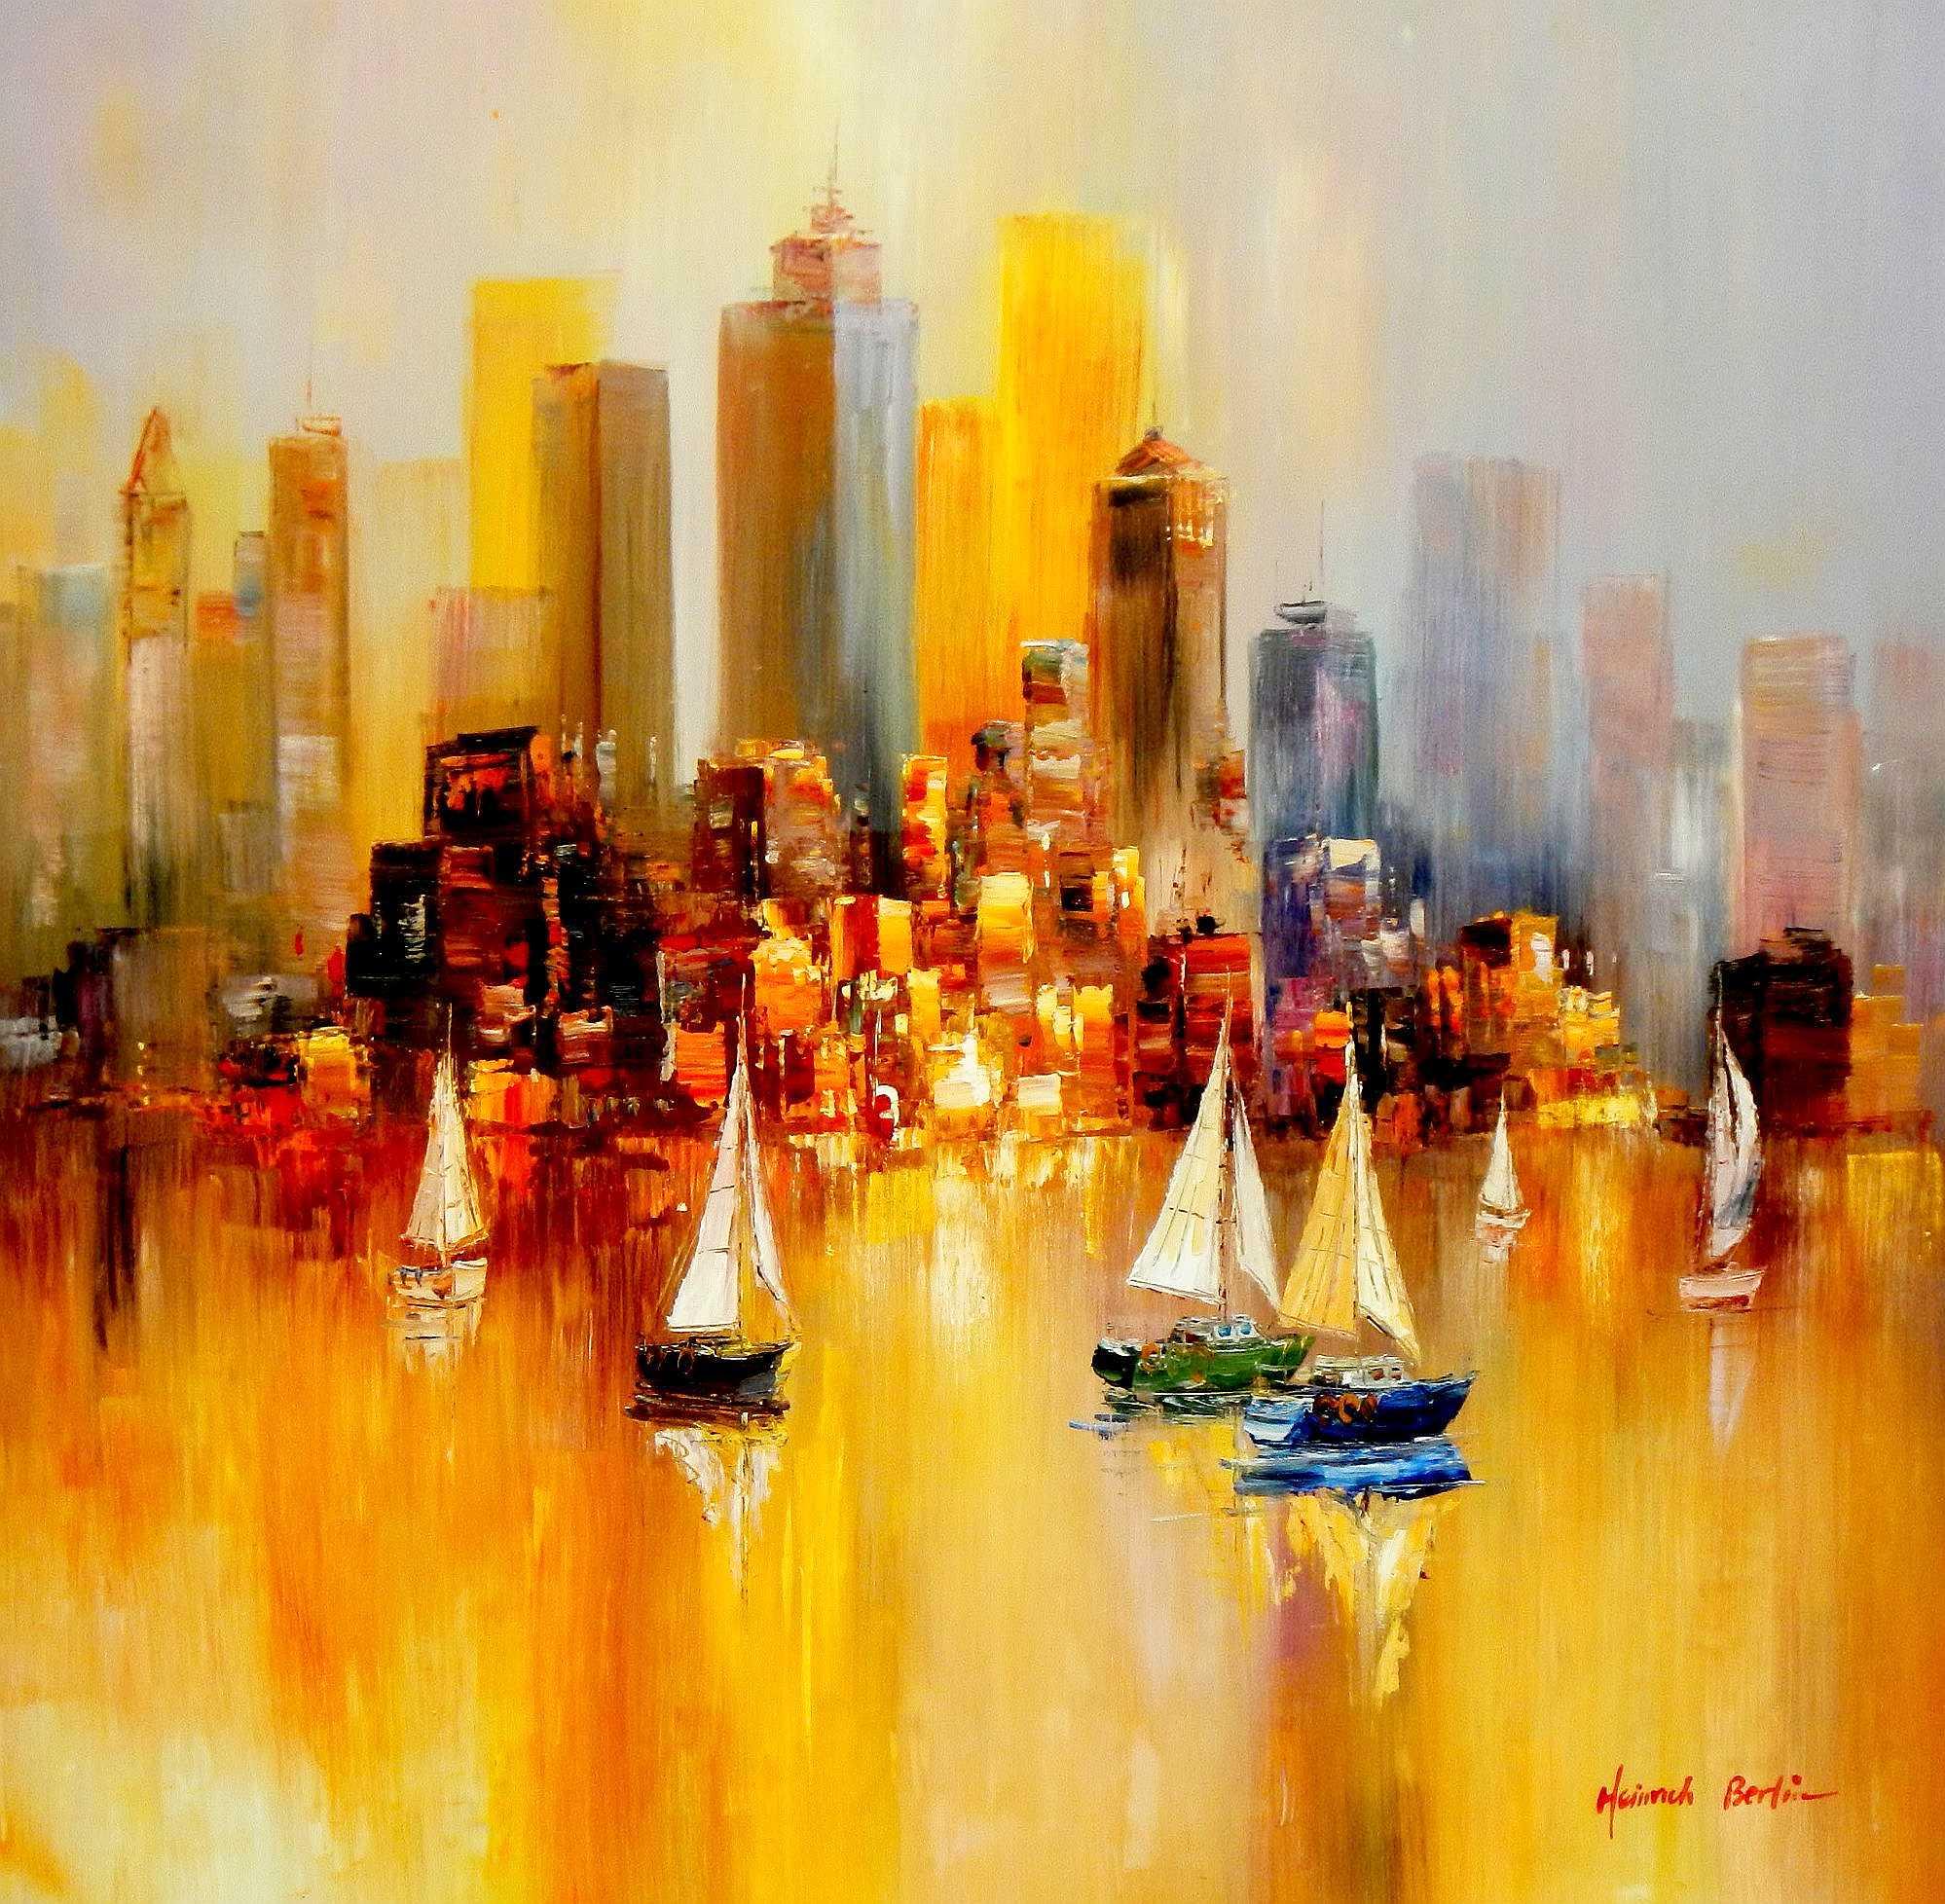 Segelboote auf dem Gardasee m95020 120x120cm modernes Gemälde handgemalt